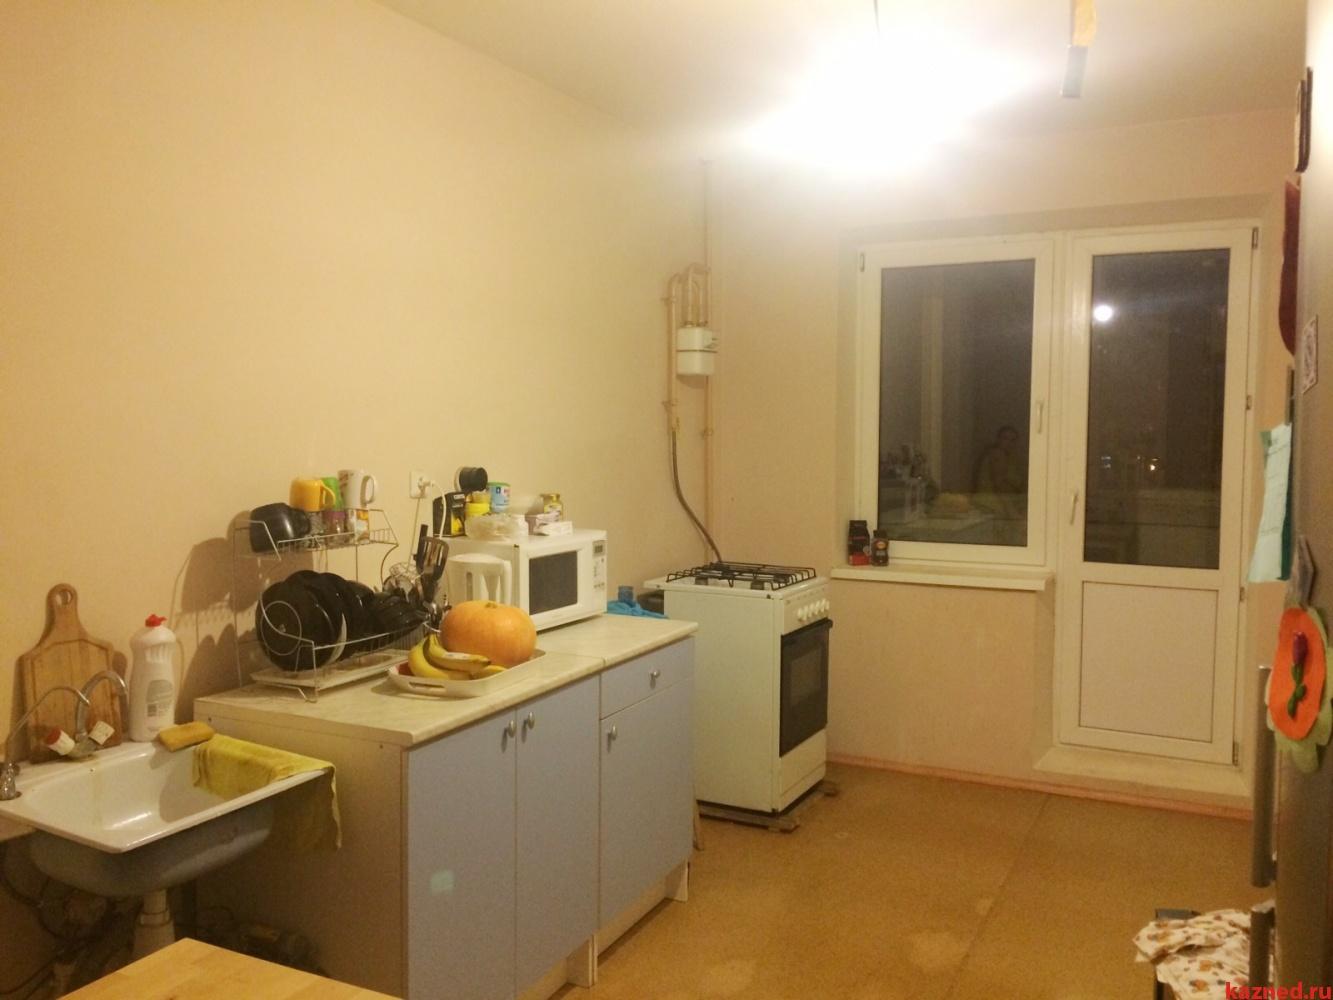 Продажа 4-к квартиры Гайсина,6 ЖК Радужный, 90 м2  (миниатюра №3)